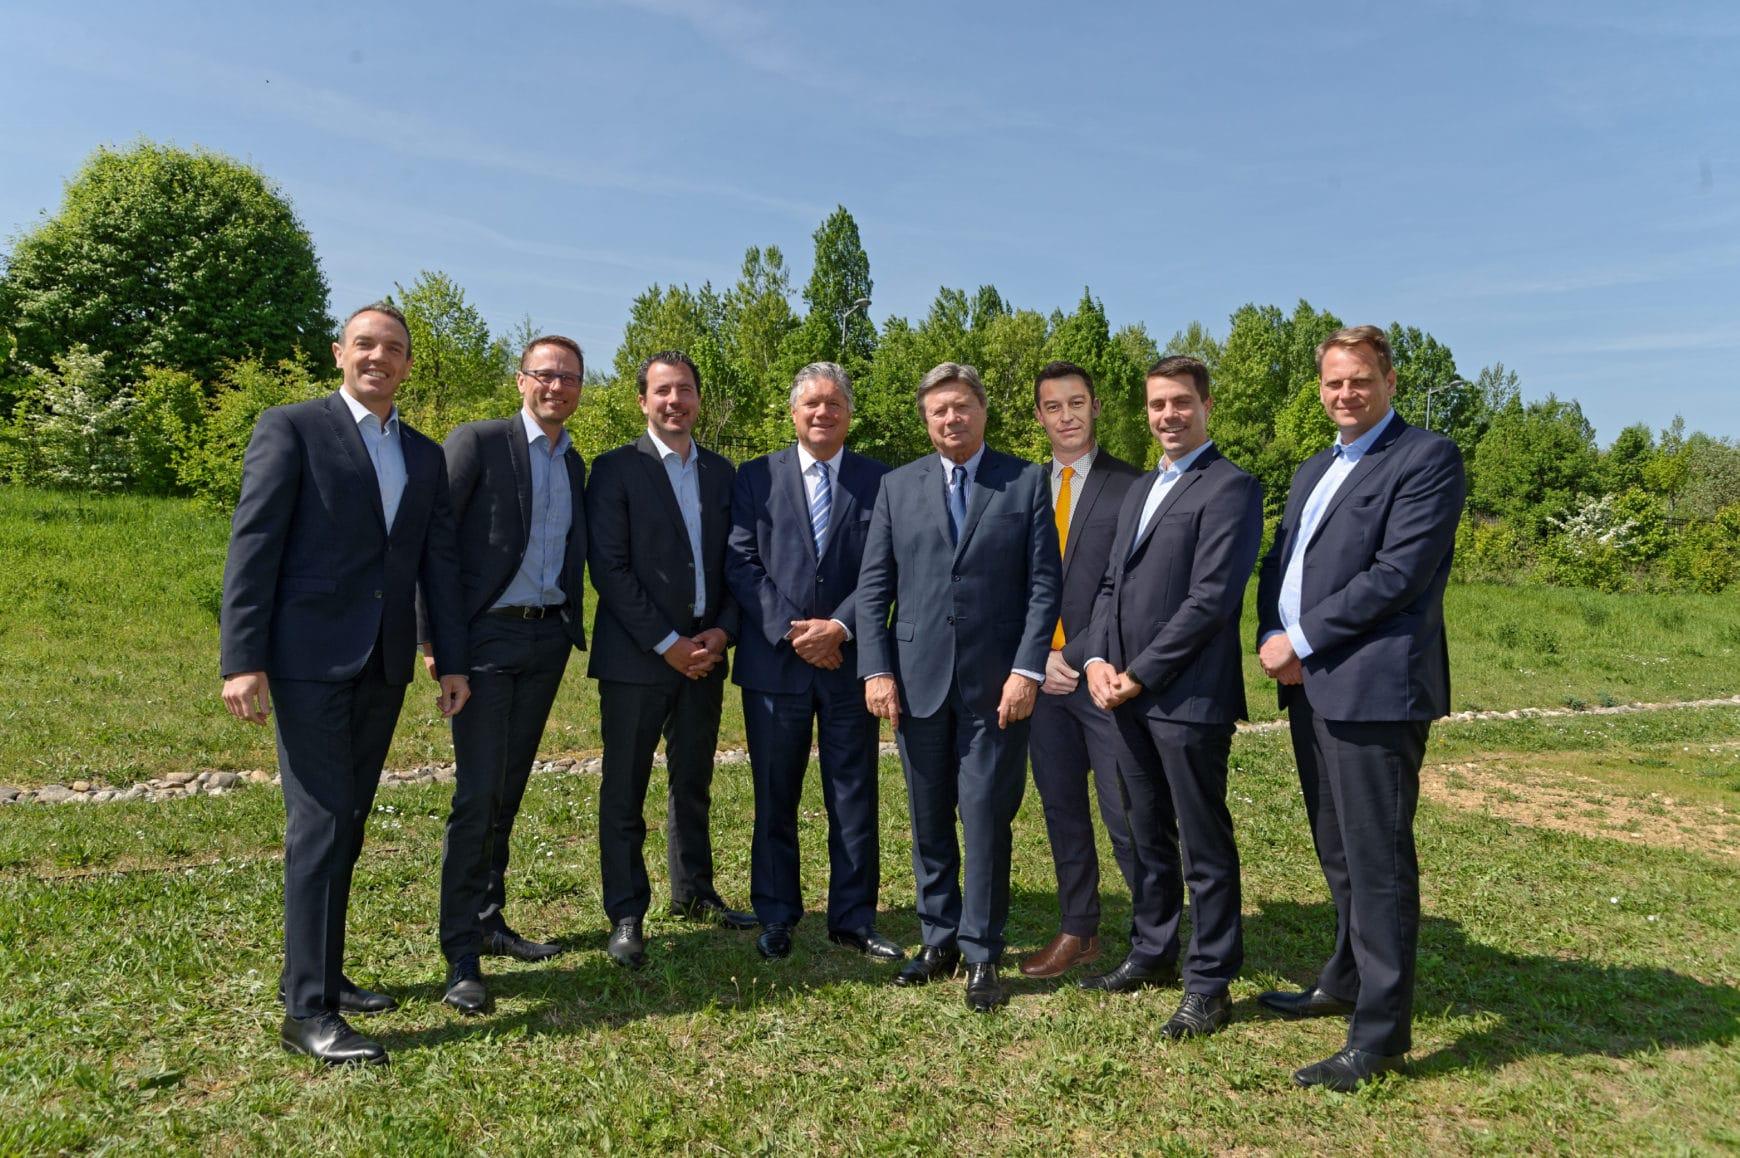 Comité stratégique Groupe Maisons France Confort